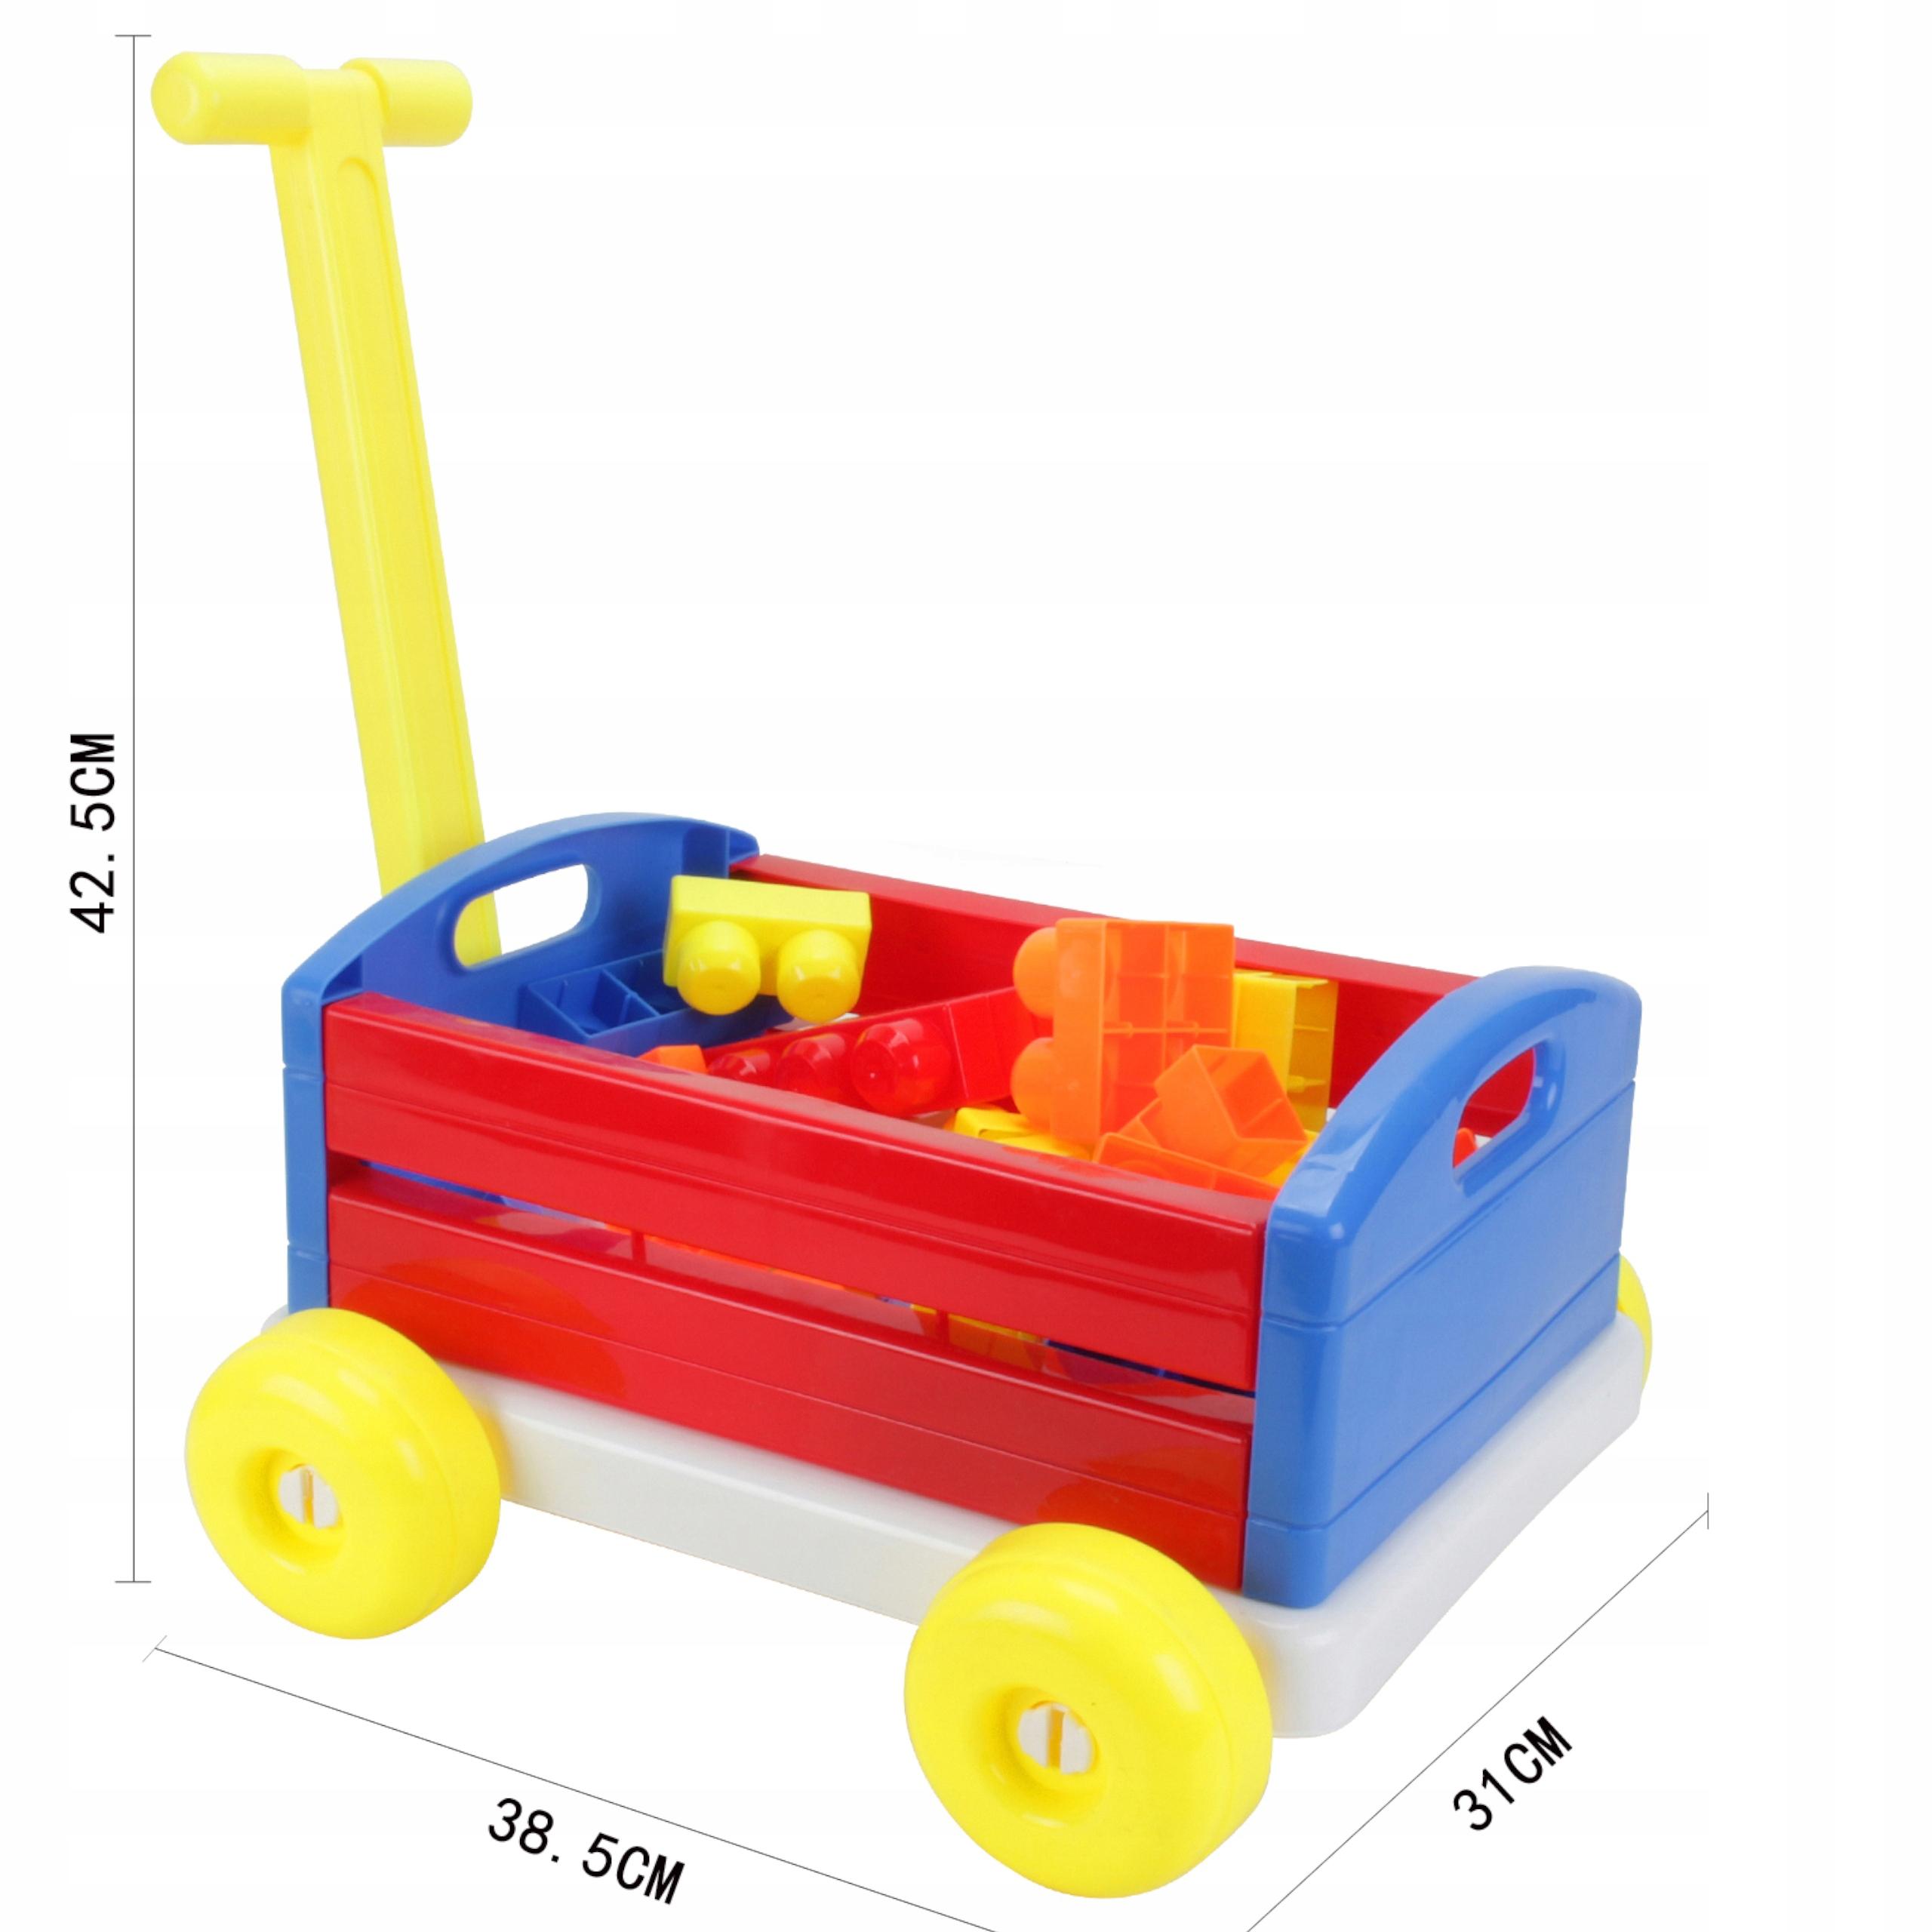 Duży wózek z rączką taczka przyczepa 74 cm 6660-8 Szerokość produktu 38 cm